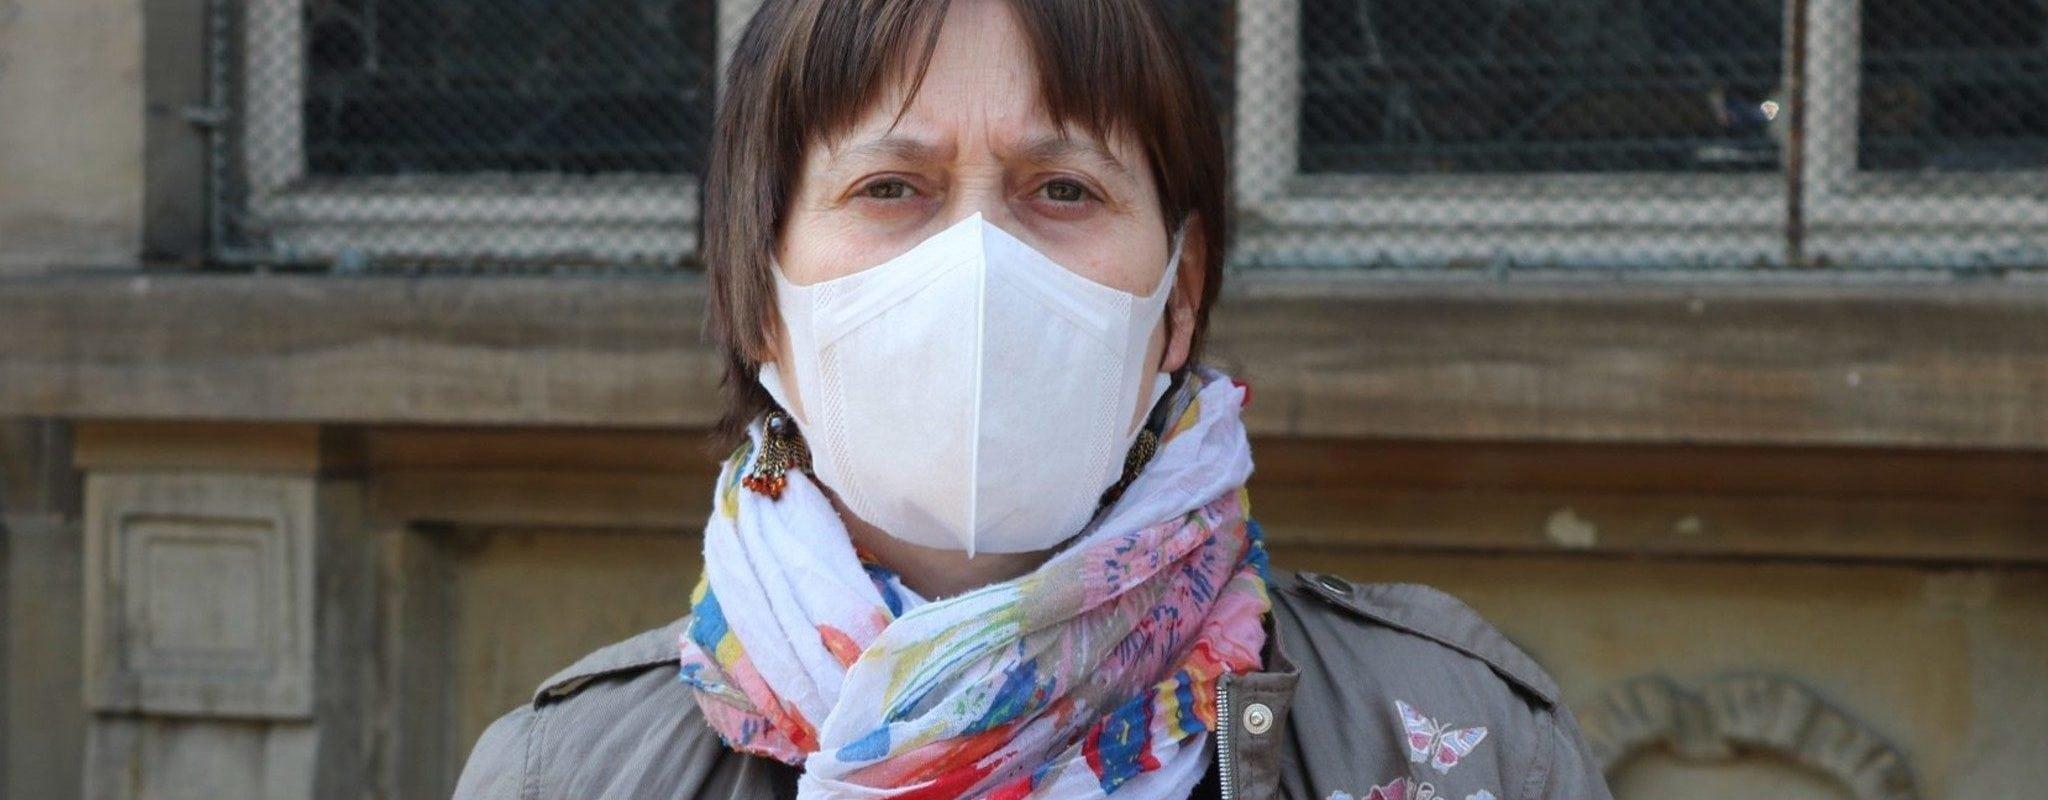 Après le couvre-feu, les Mulhousiens découvrent amers leurs masques municipaux